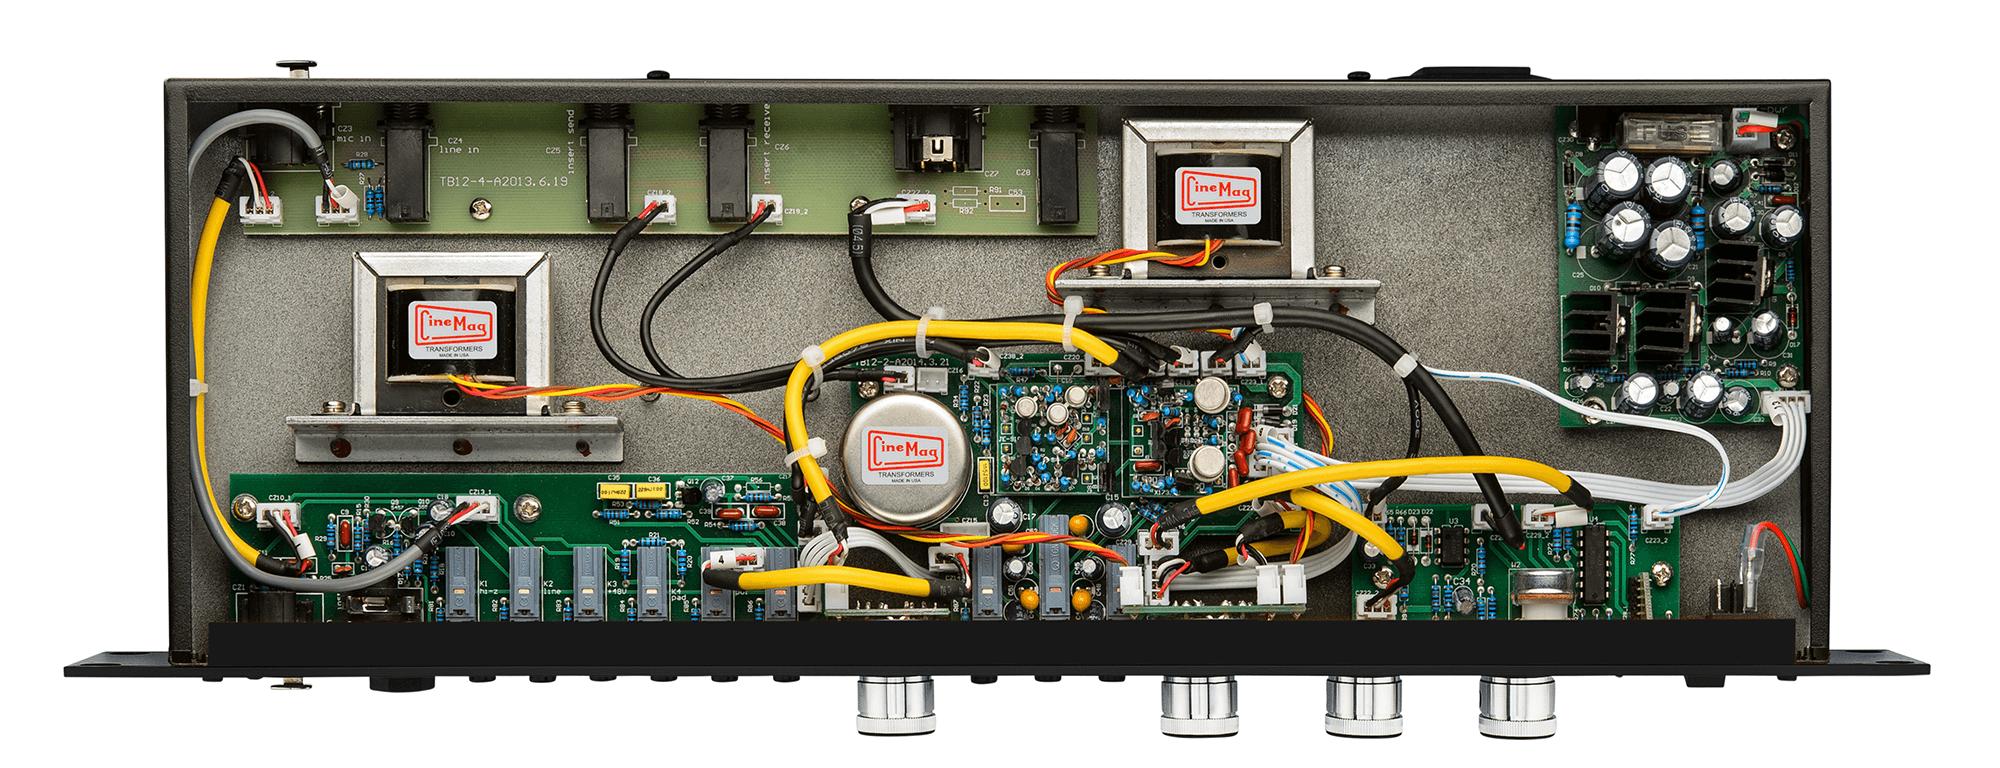 使用了顶尖的CineMag变压器和多种分立信号链路